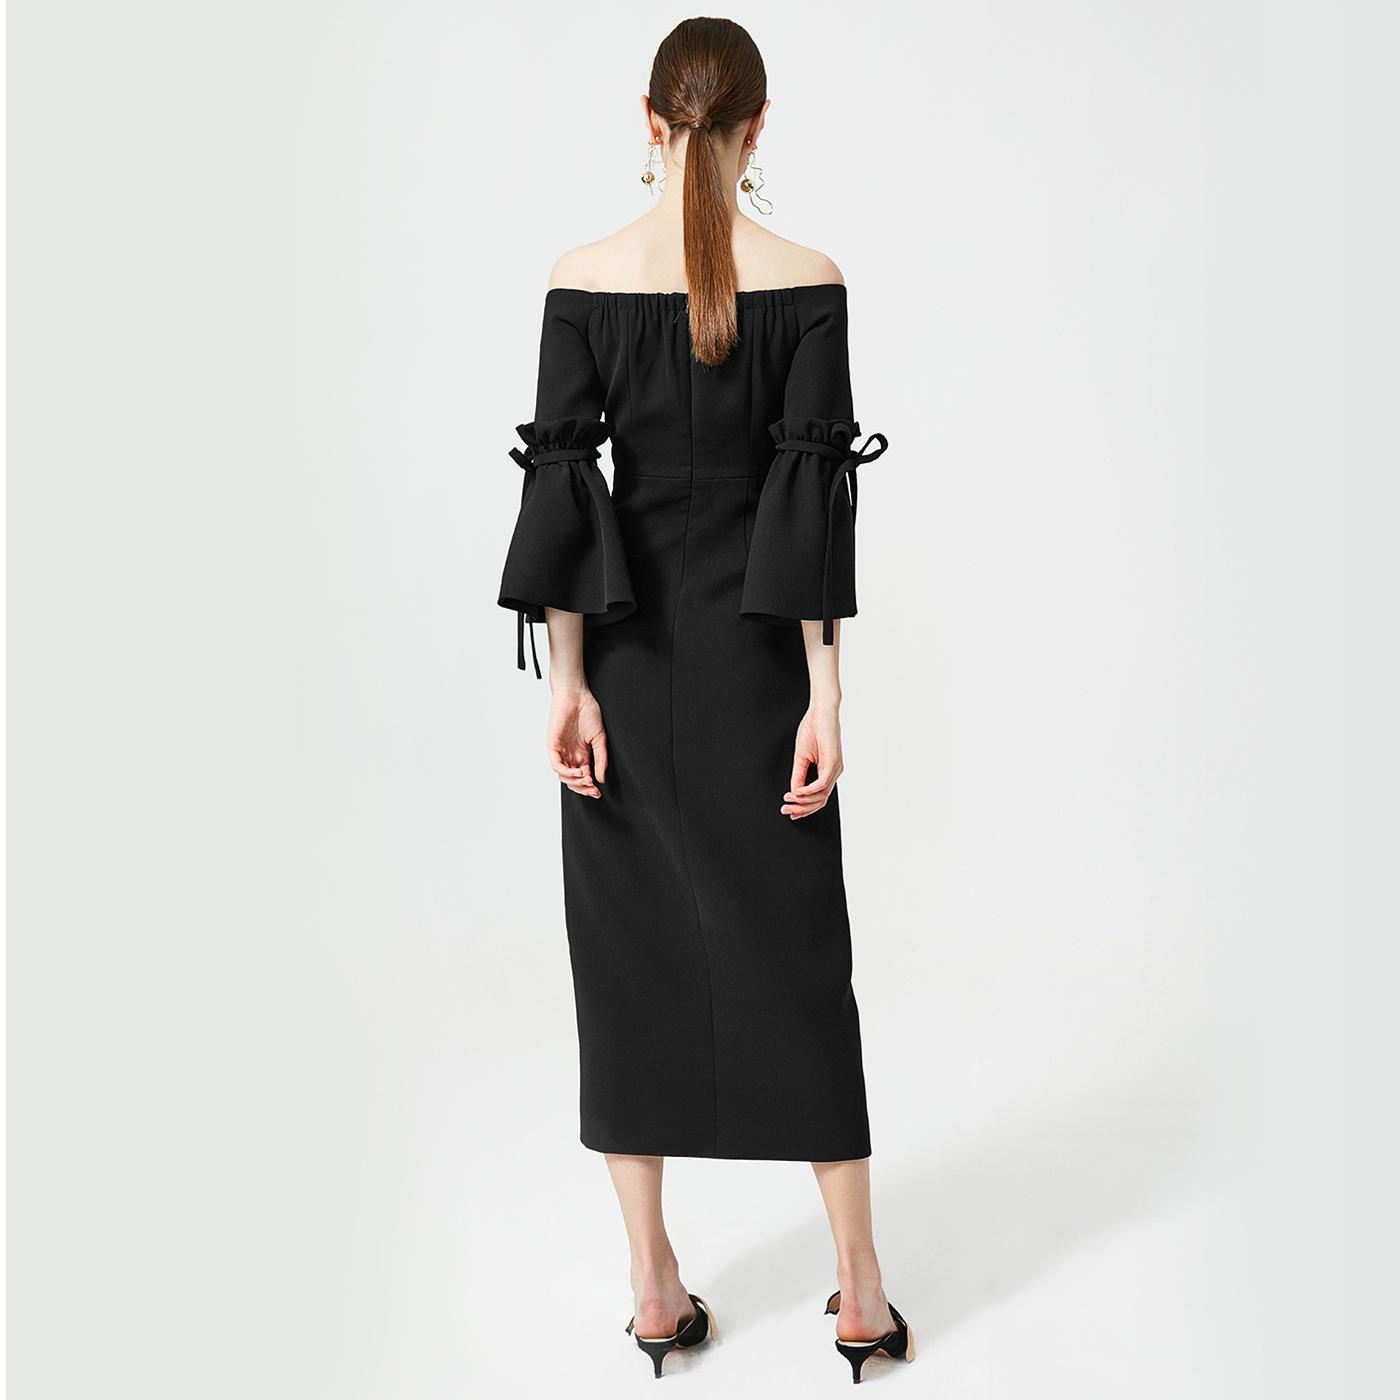 糖力2018春装新款欧美女装黑色一字肩绑带喇叭袖高开叉连衣裙长裙